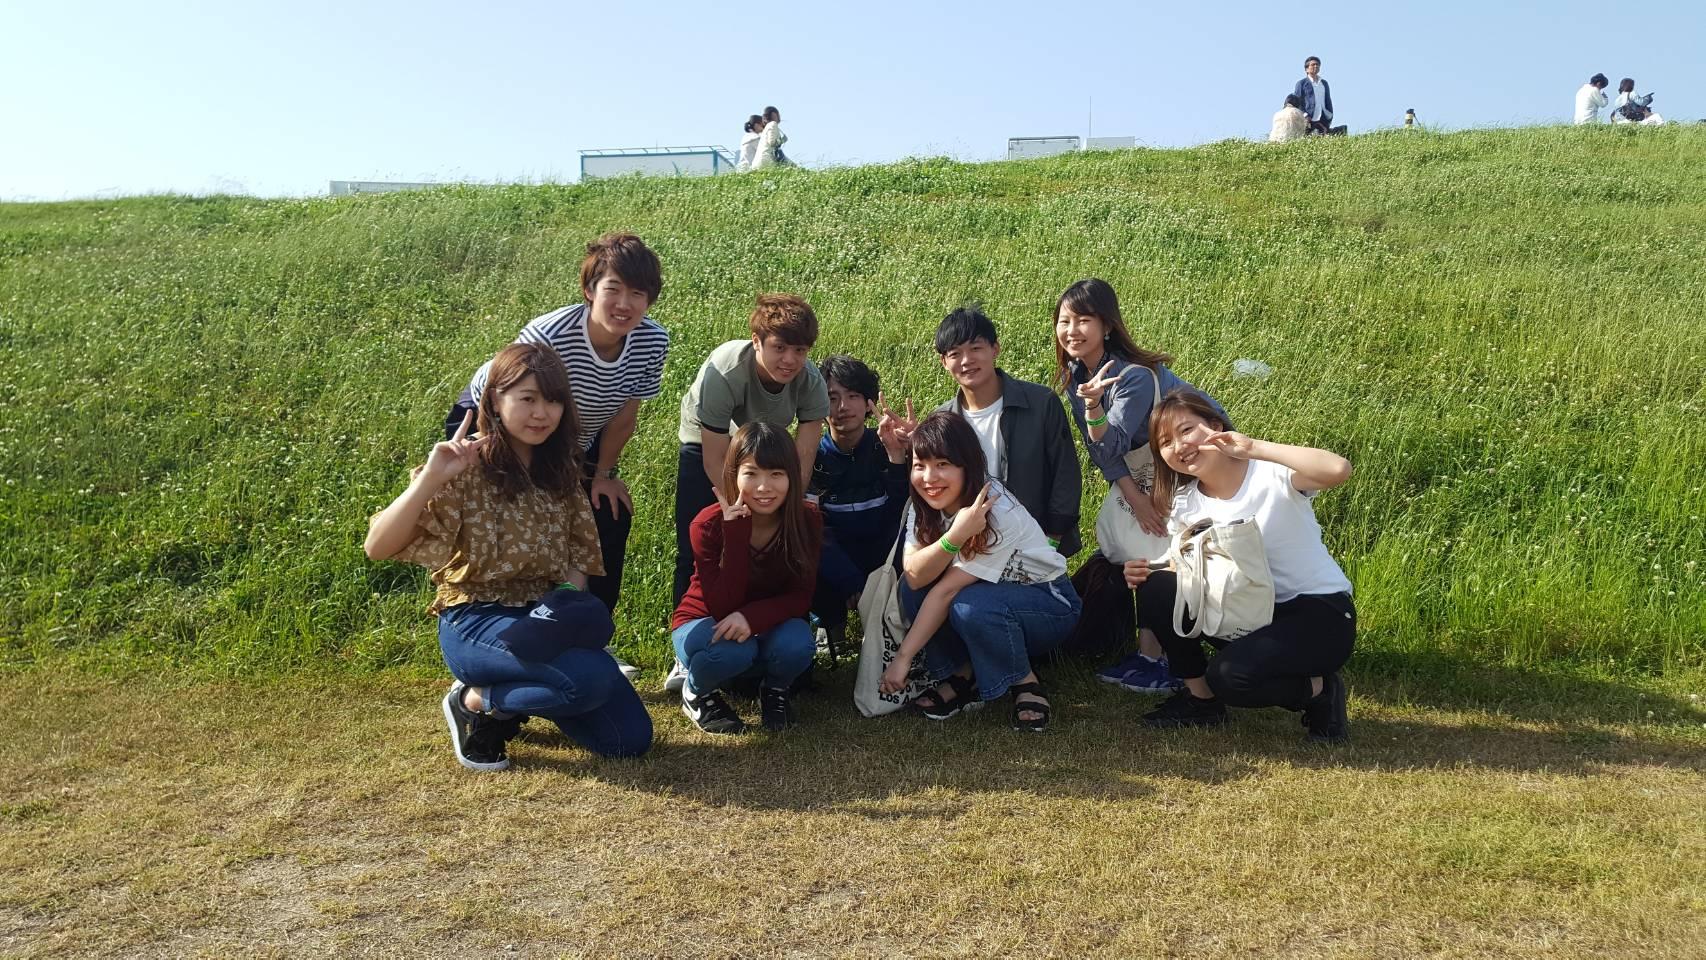 大阪の都心にこんなキレイな芝生のBBQ会場があります!